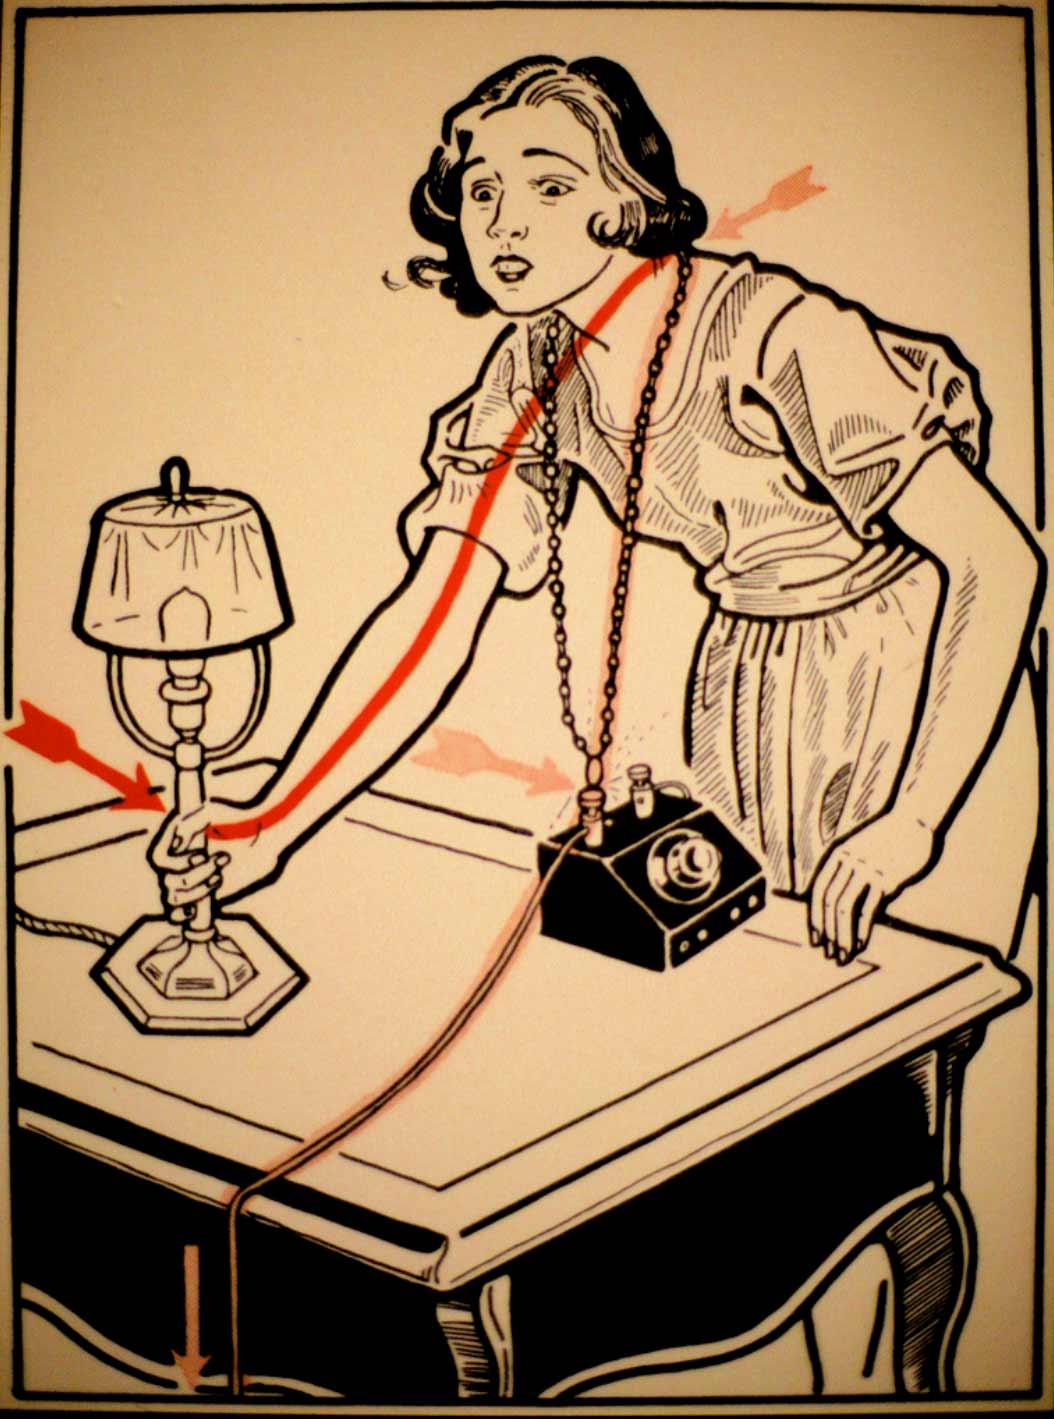 1931 wurde vor skurrilen Arten eines Stromschlages gewarnt Elektroschutz-in-132-Bildern_03